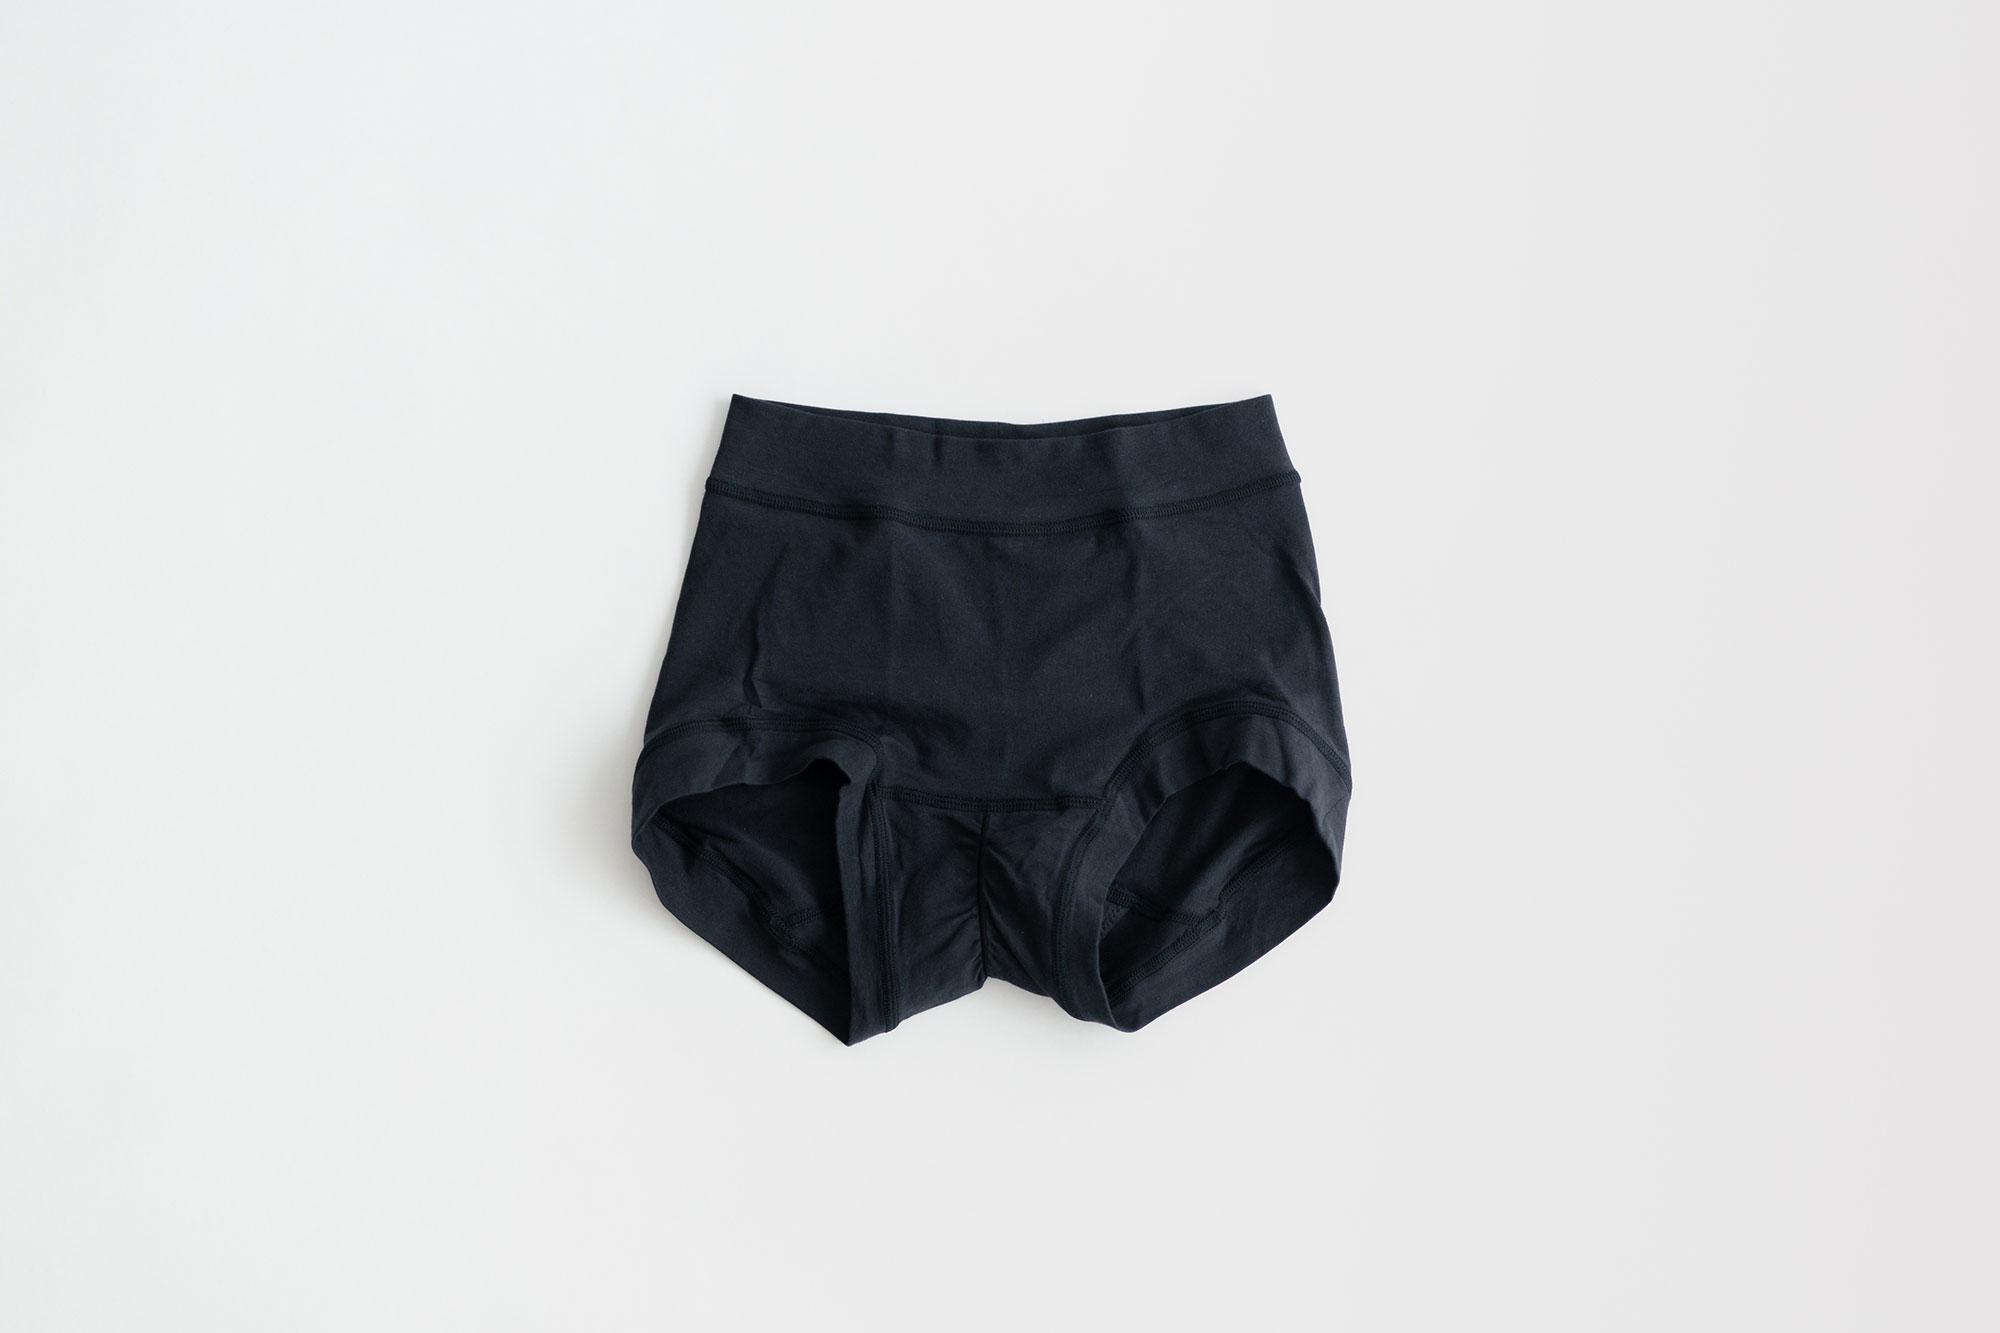 sisiFILLE/シシフィーユ サニタリーショーツ / レギュラー